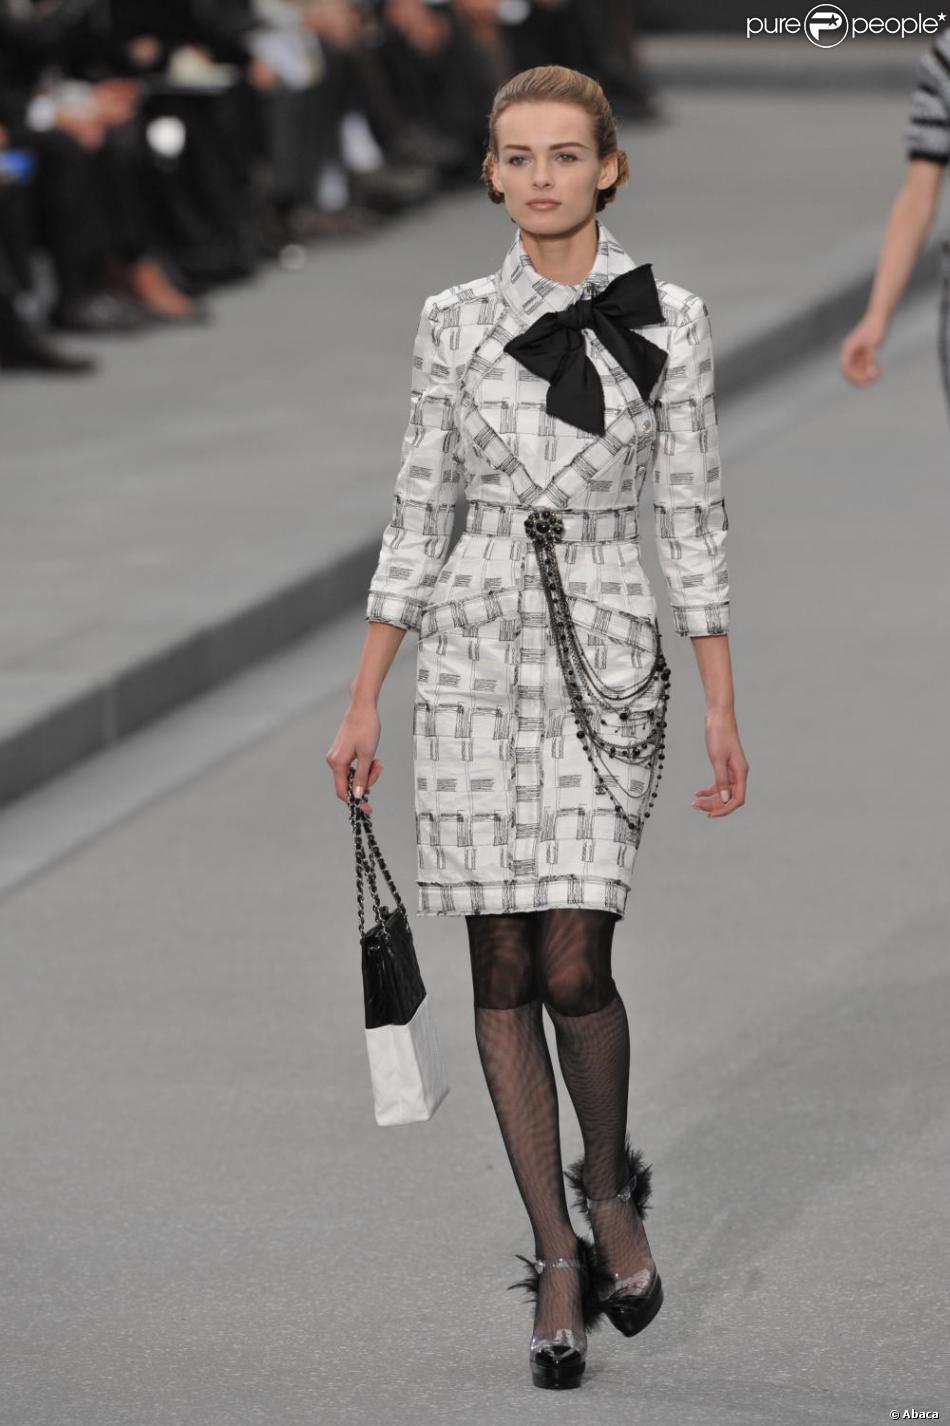 jolie robe tailleur noire et blanche issue de la collection printemps t 2009 sign e karl. Black Bedroom Furniture Sets. Home Design Ideas